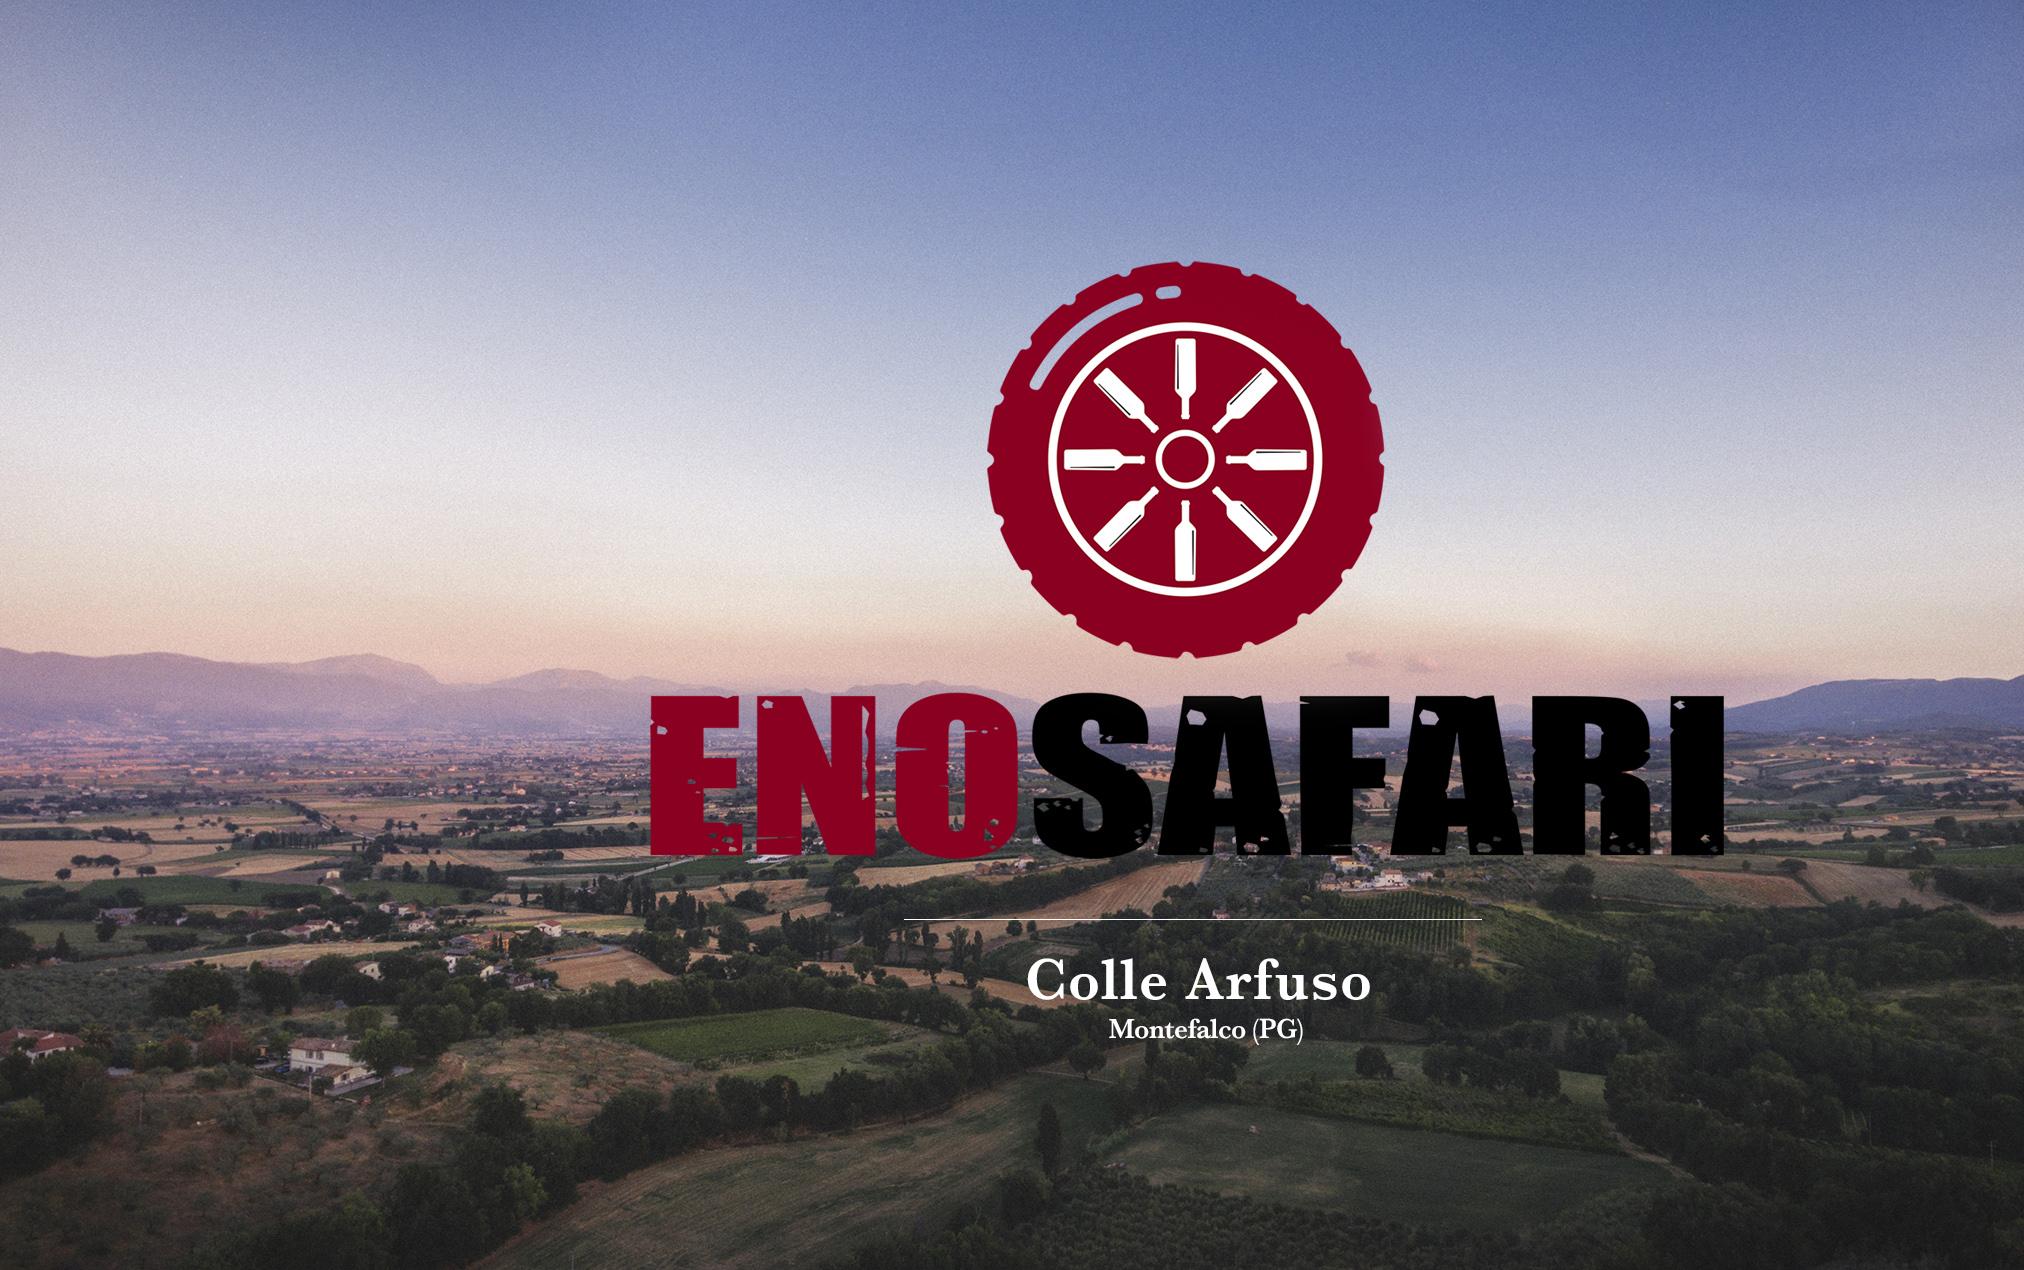 Enosafari